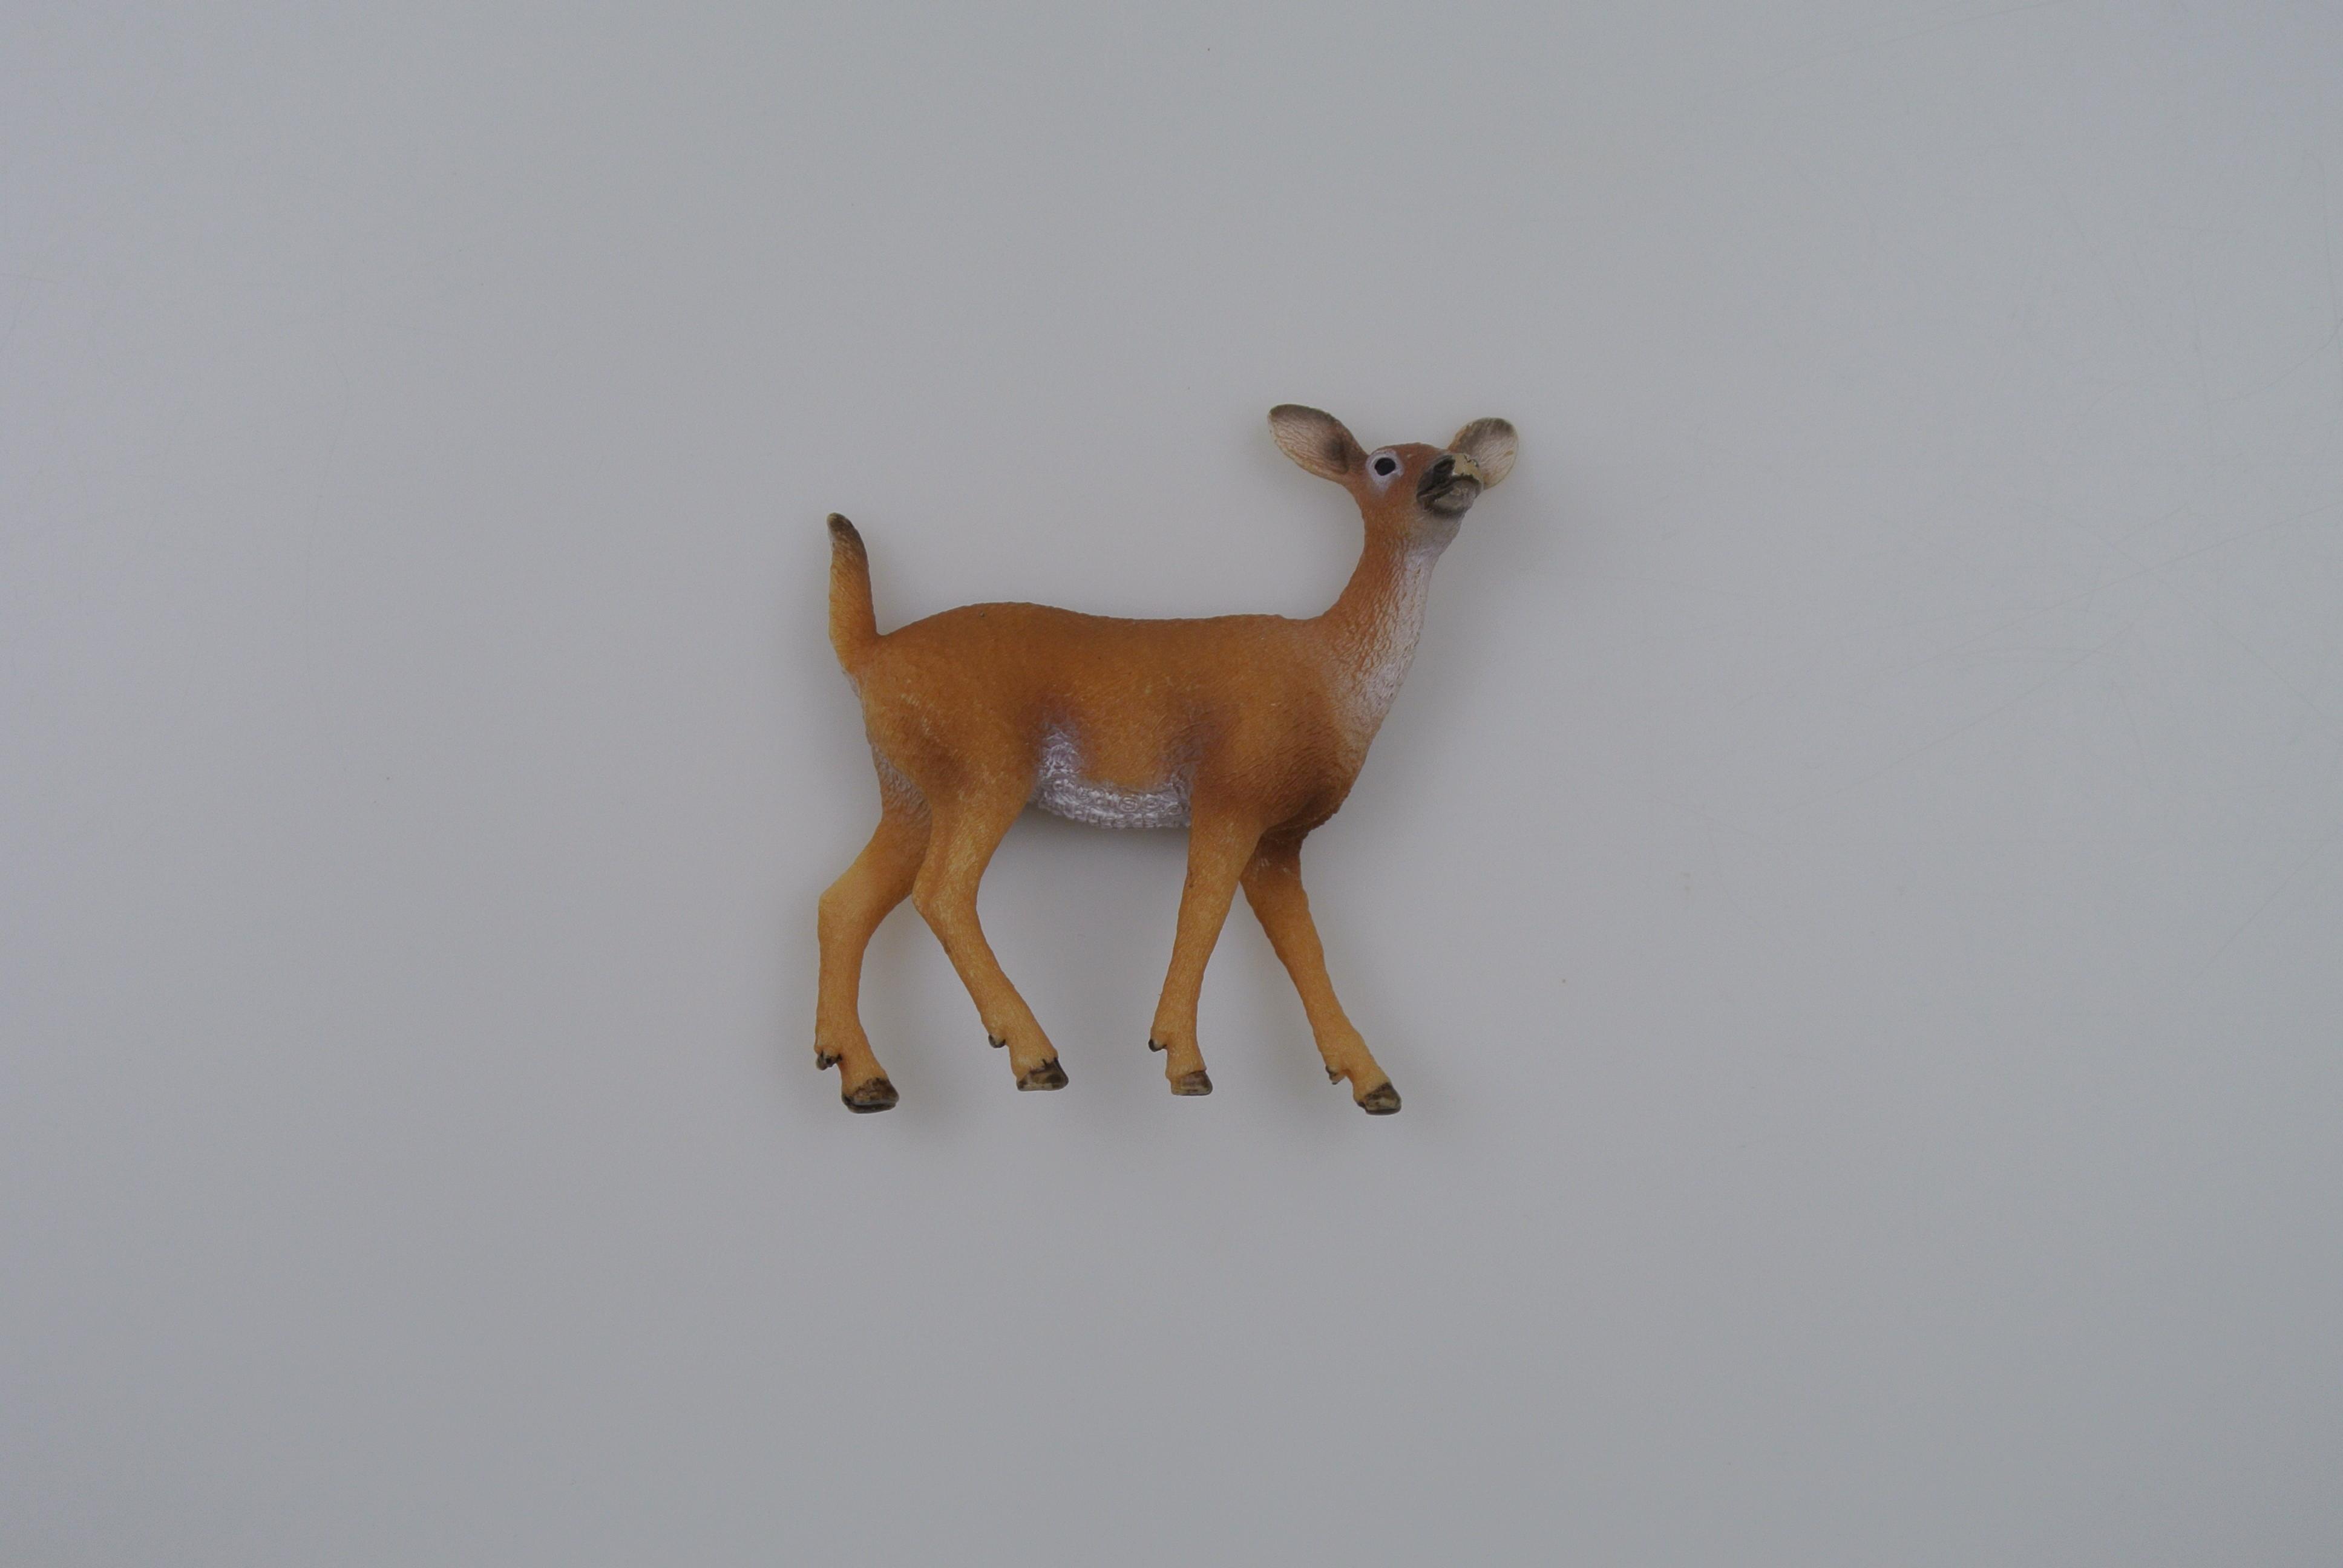 Schleich bambi